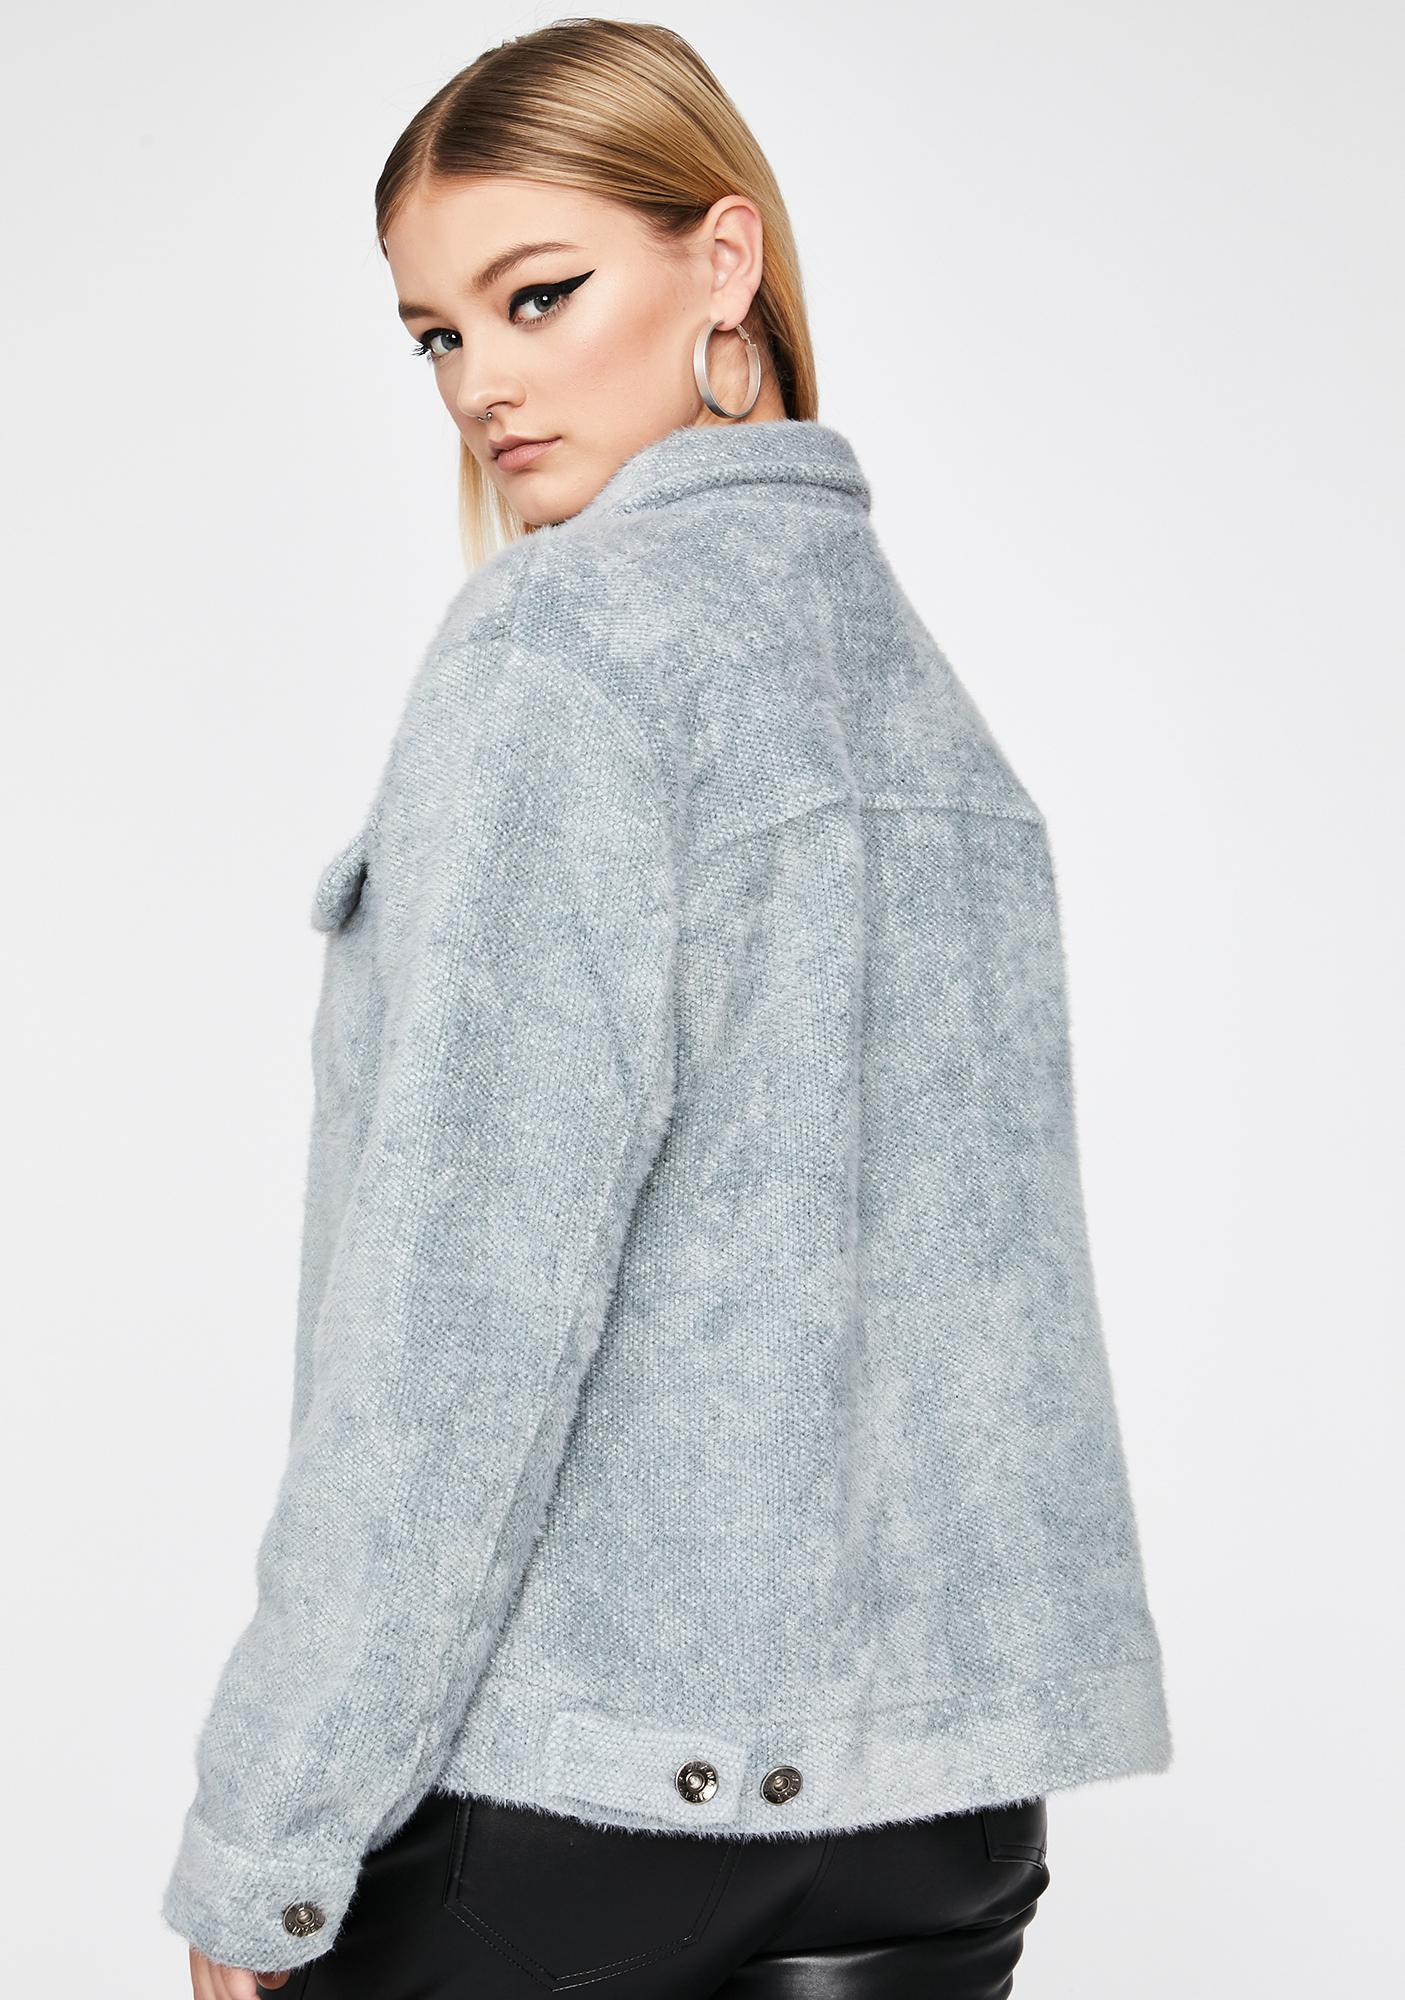 Windy City Fuzzy Jacket